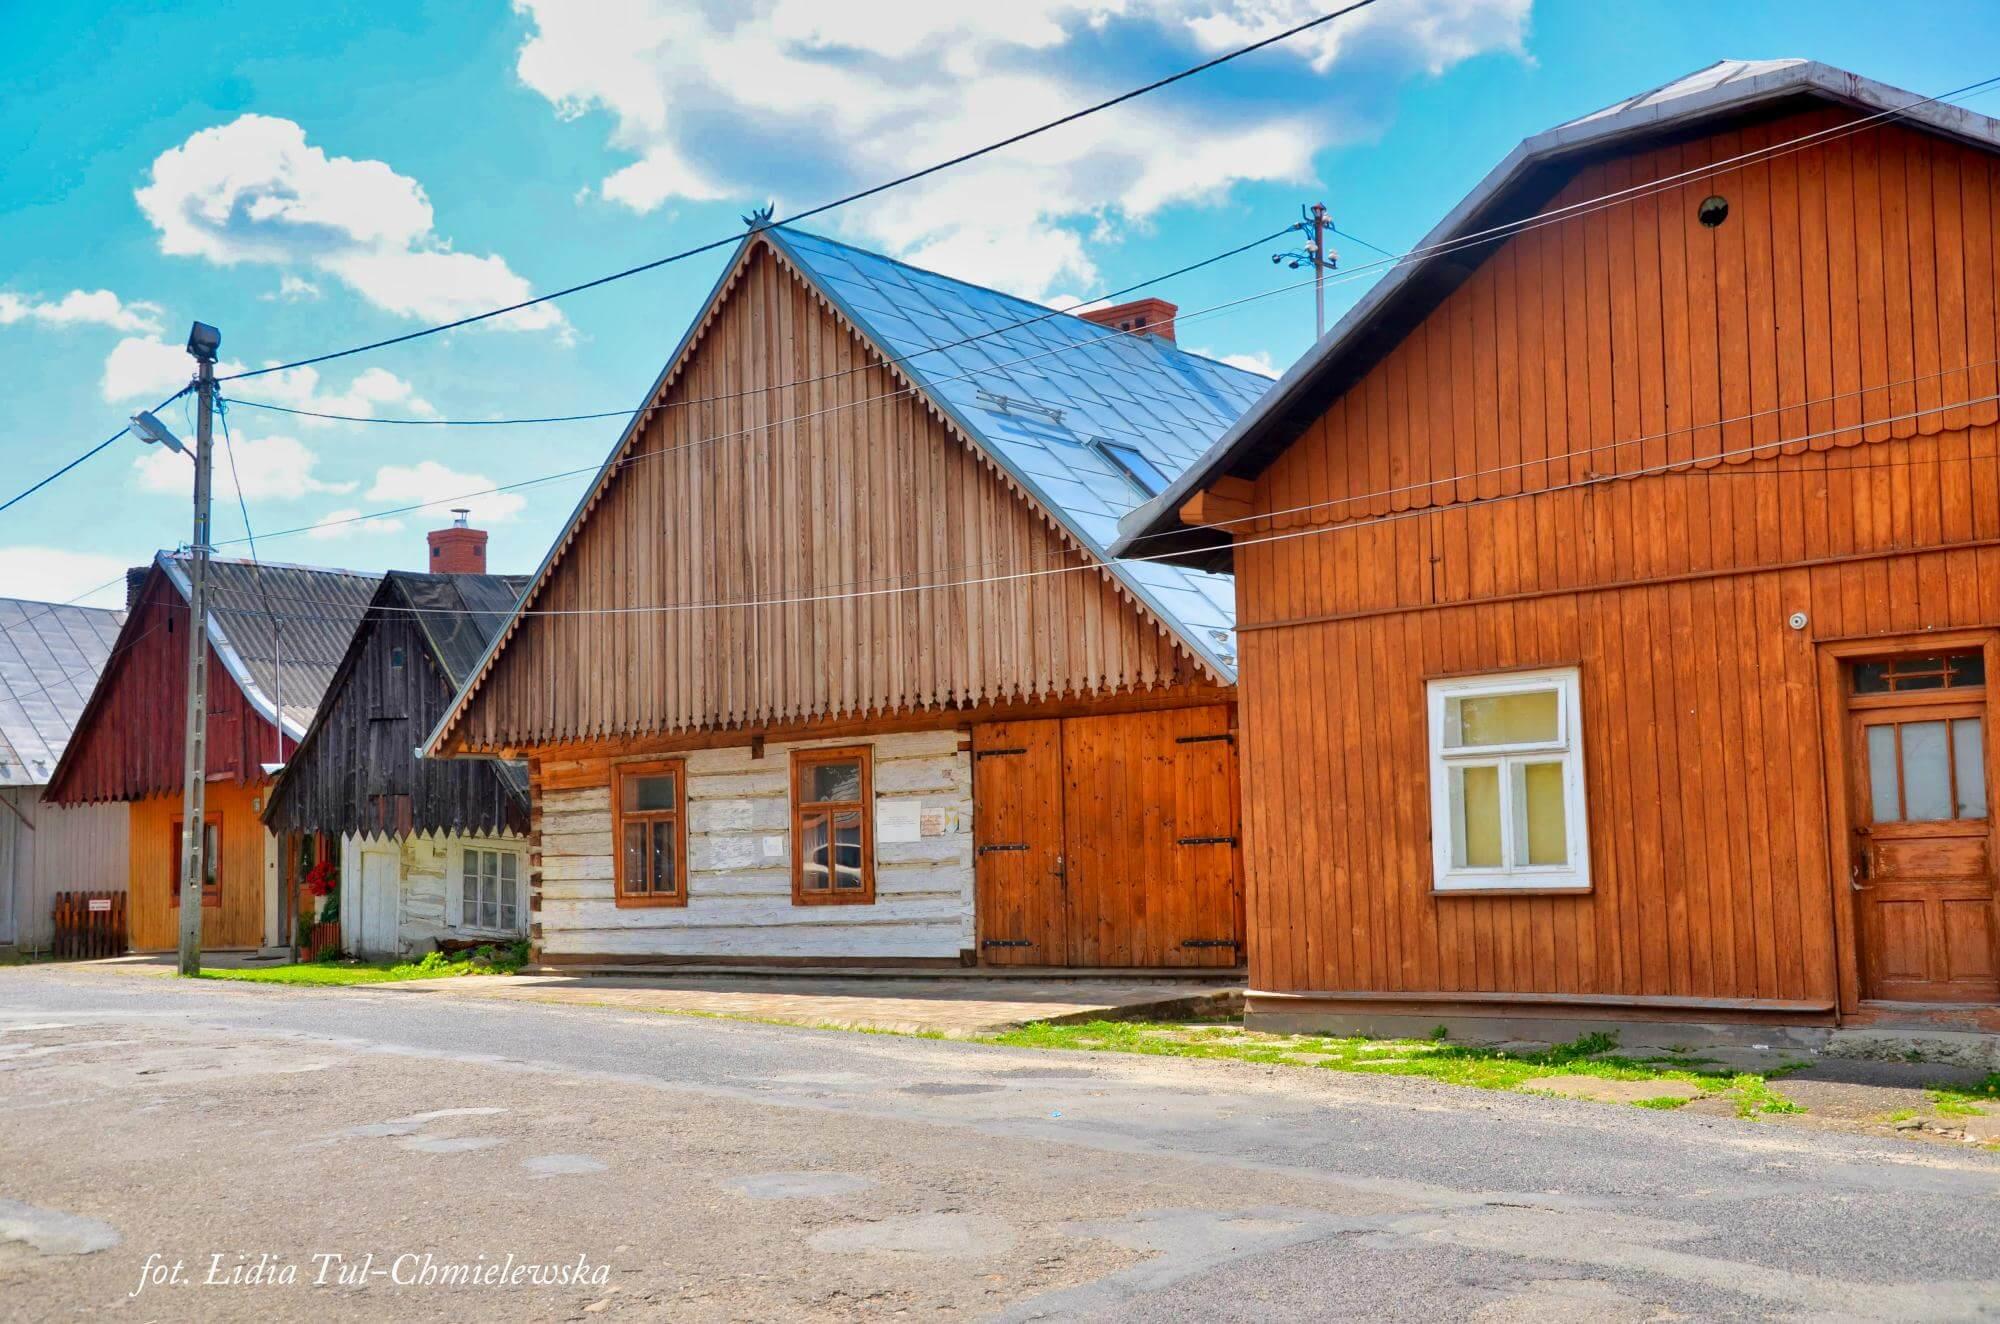 Zabudowa Jaślisk / fot. Lidia Tul-Chmielewska